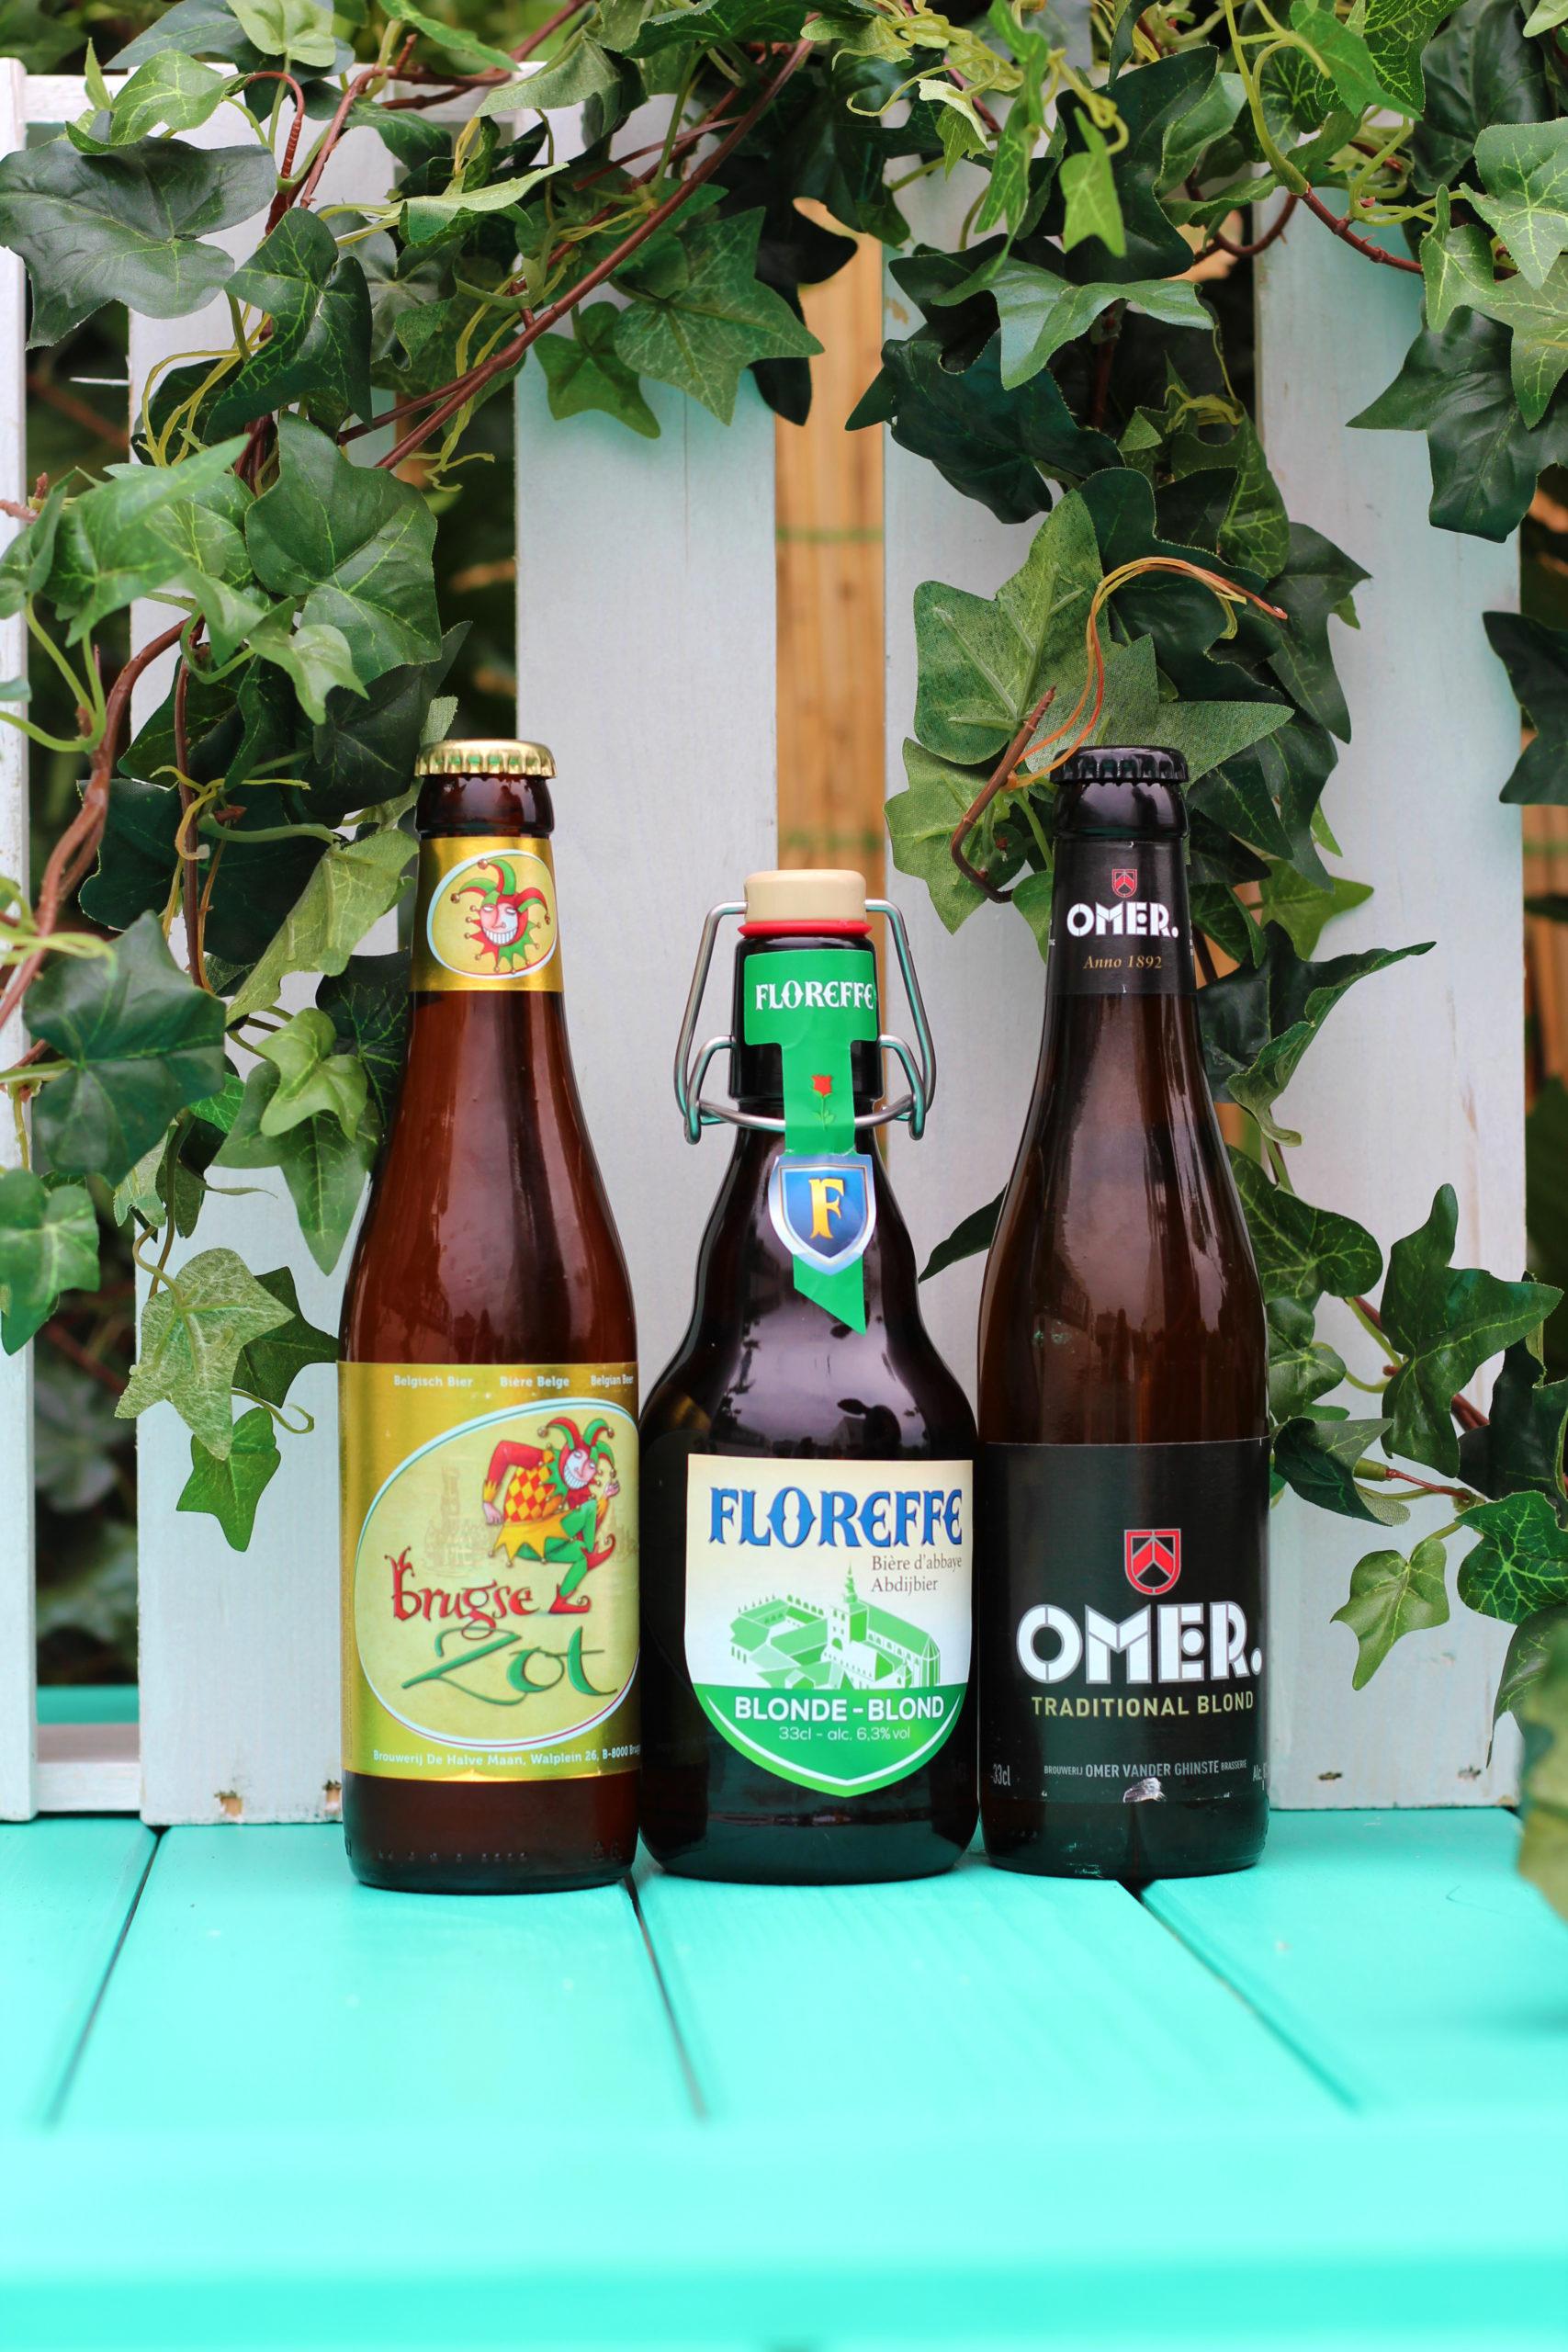 Blondie bierpakket